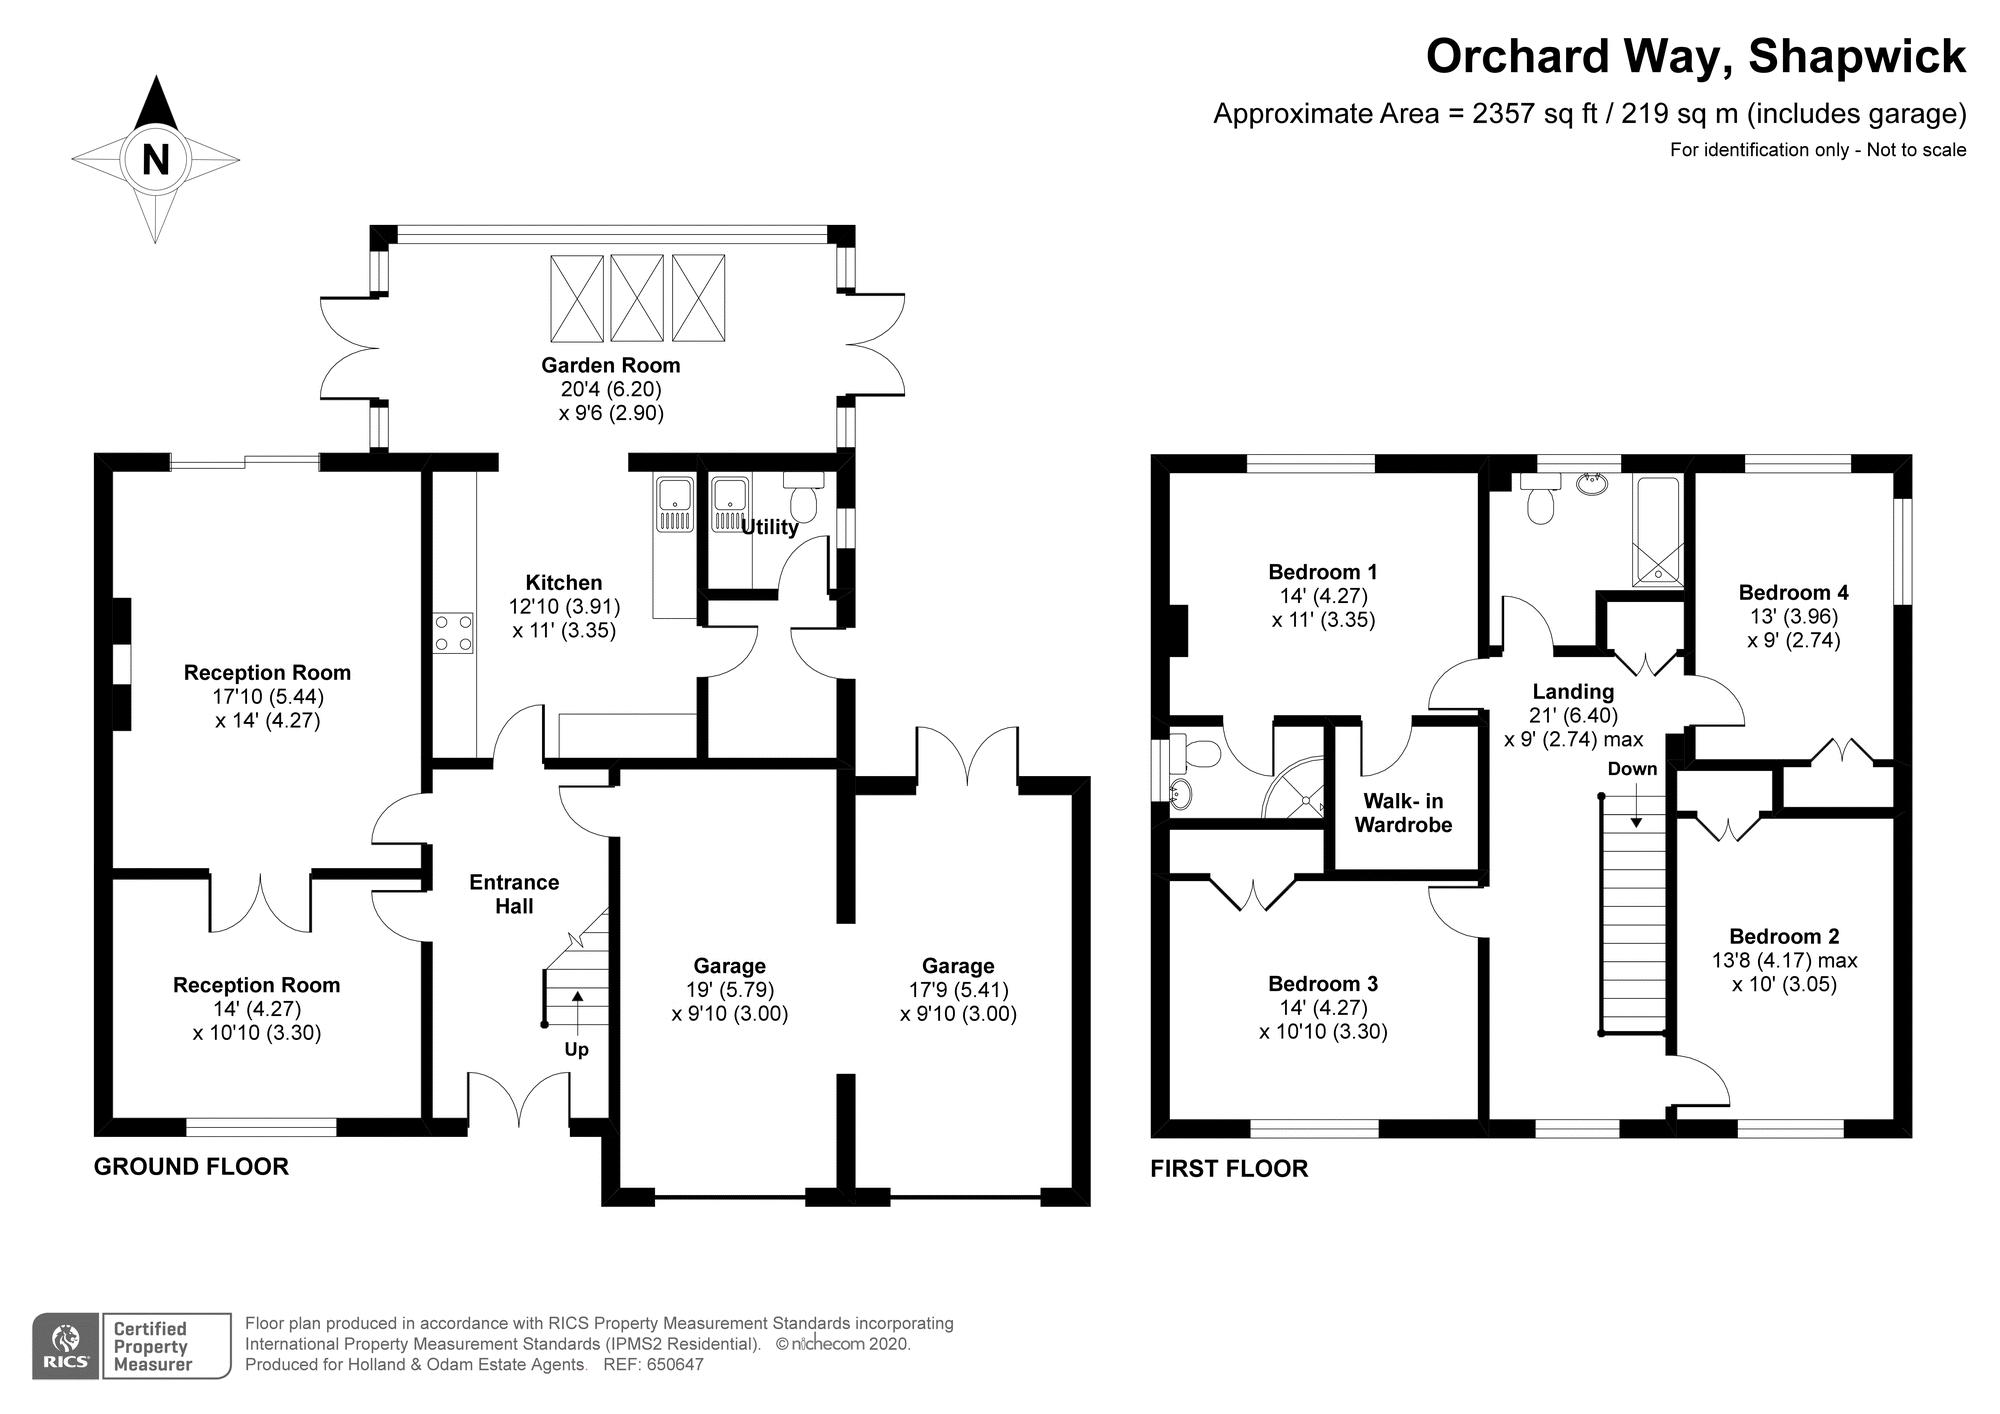 Orchard Way